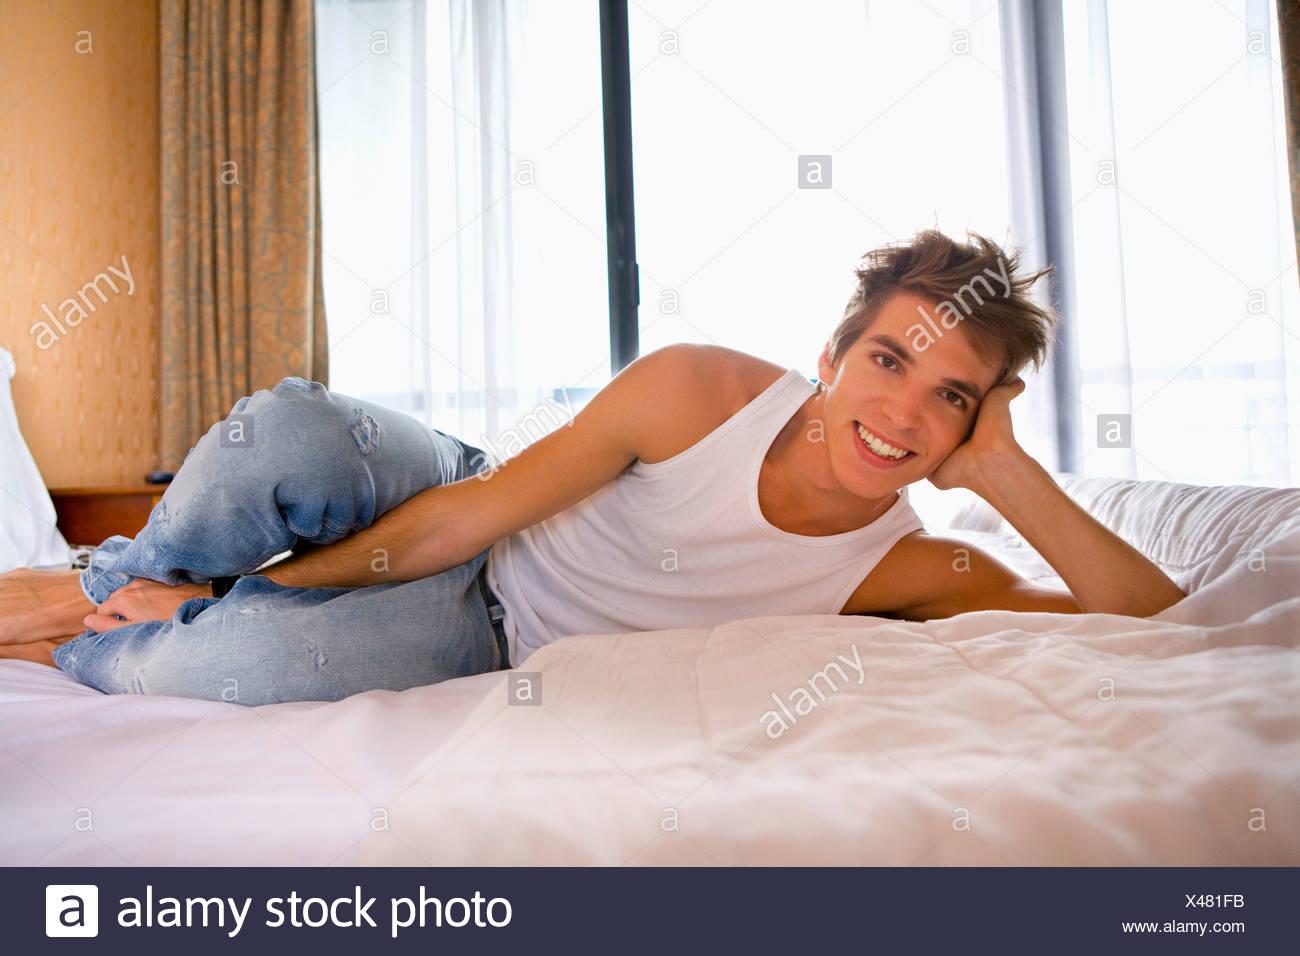 Joven sonríe descansa sobre la cama. Imagen De Stock